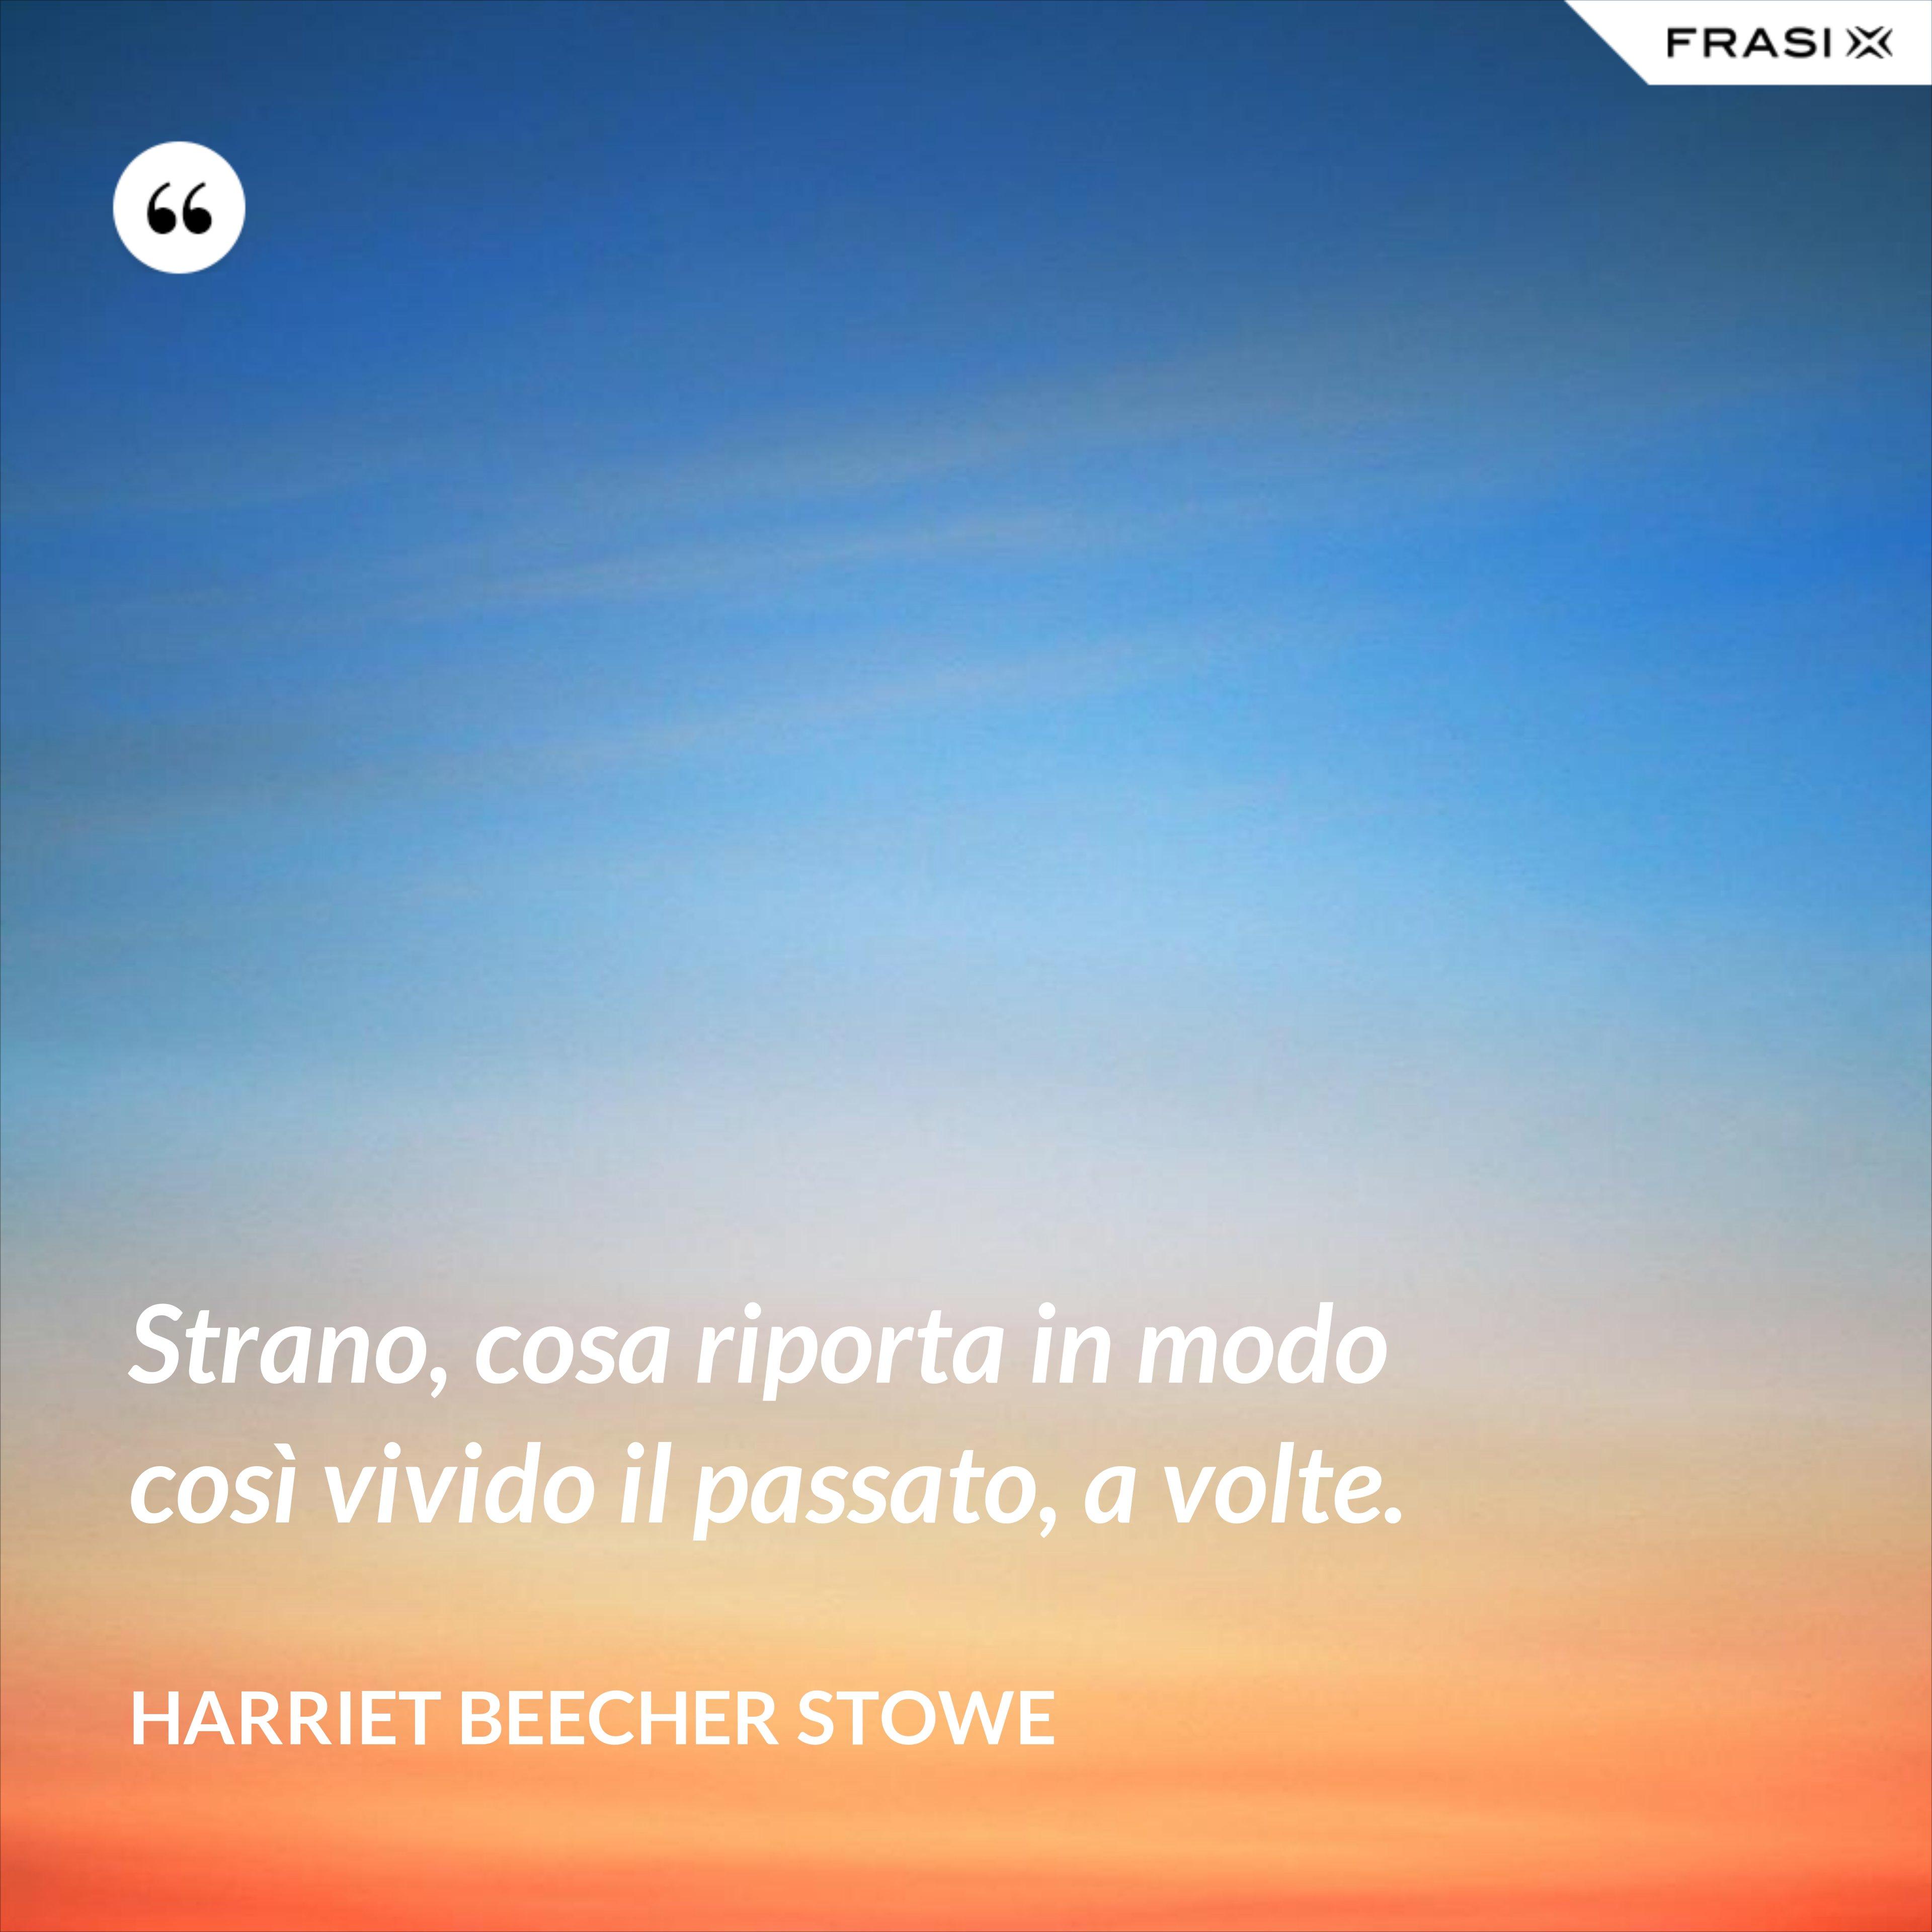 Strano, cosa riporta in modo così vivido il passato, a volte. - Harriet Beecher Stowe